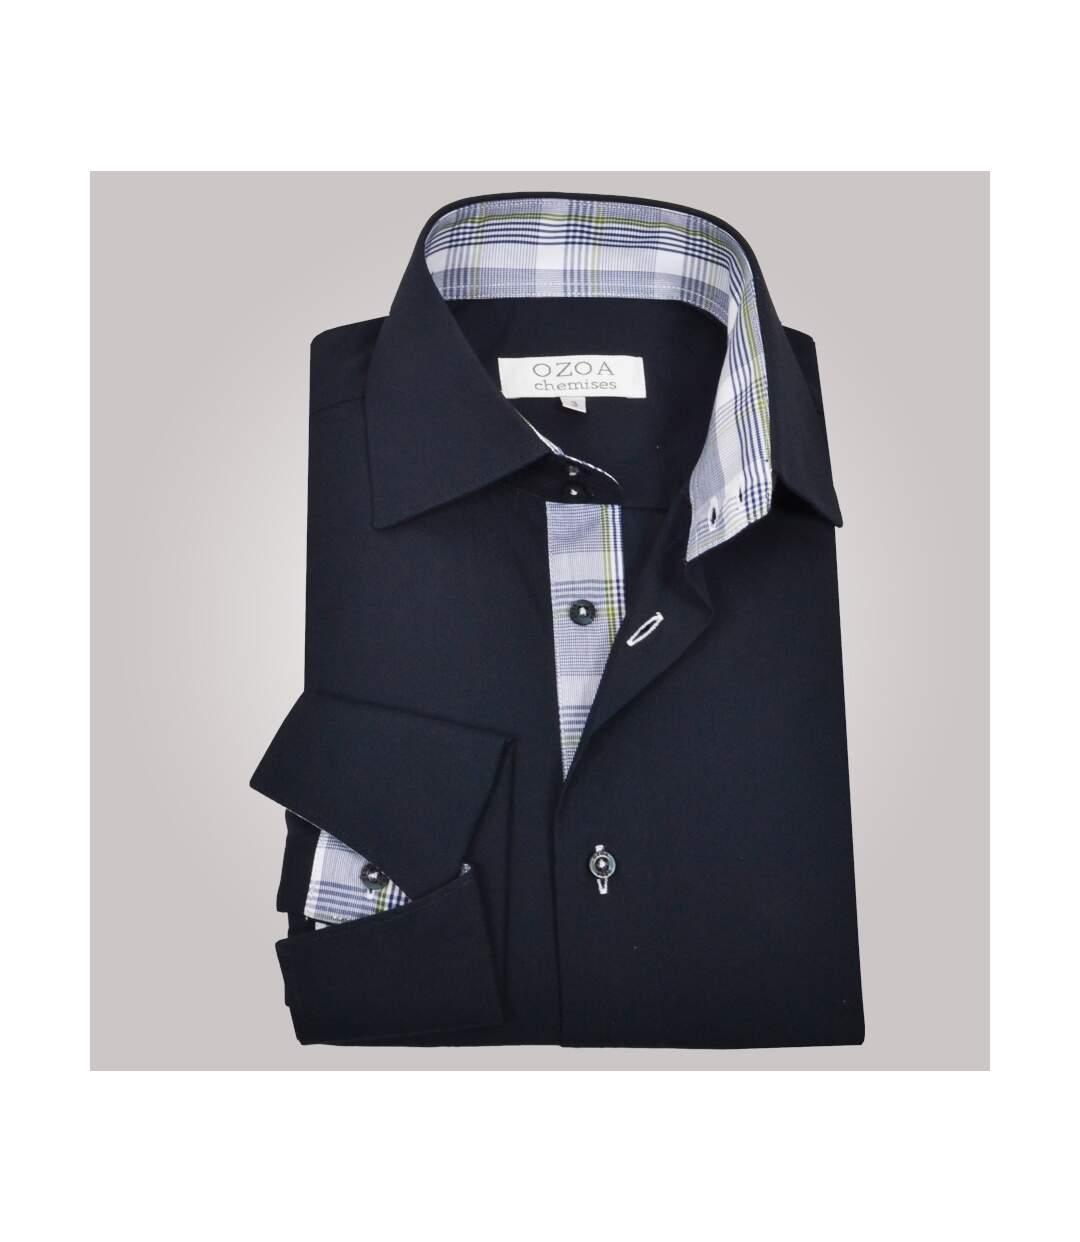 Chemise homme bleu marine intérieur à multi carreaux bleus poignets napolitains - Chemise CINTRÉE